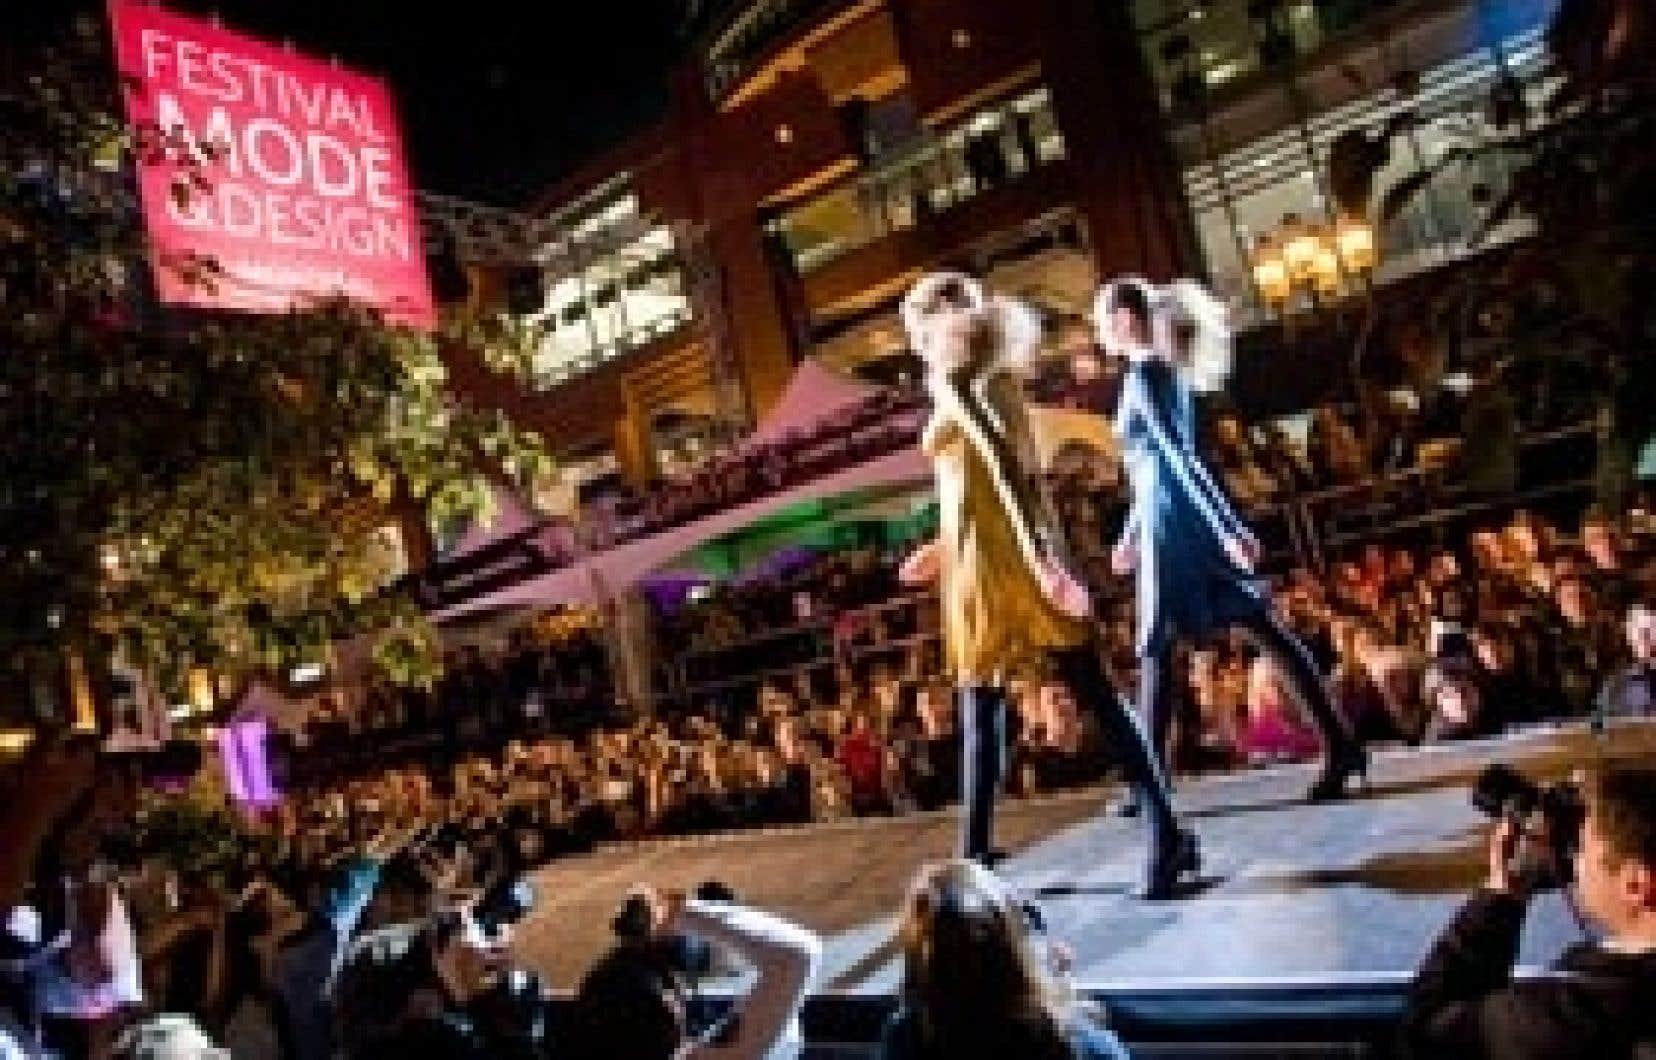 «J'ai fait beaucoup de recherches et je peux dire que le Festival Mode et Design Montréal est unique au monde, dit Chantal Durivage. Un événement extérieur présentant 150 collections au grand public, ça n'existe nulle part ailleurs.»